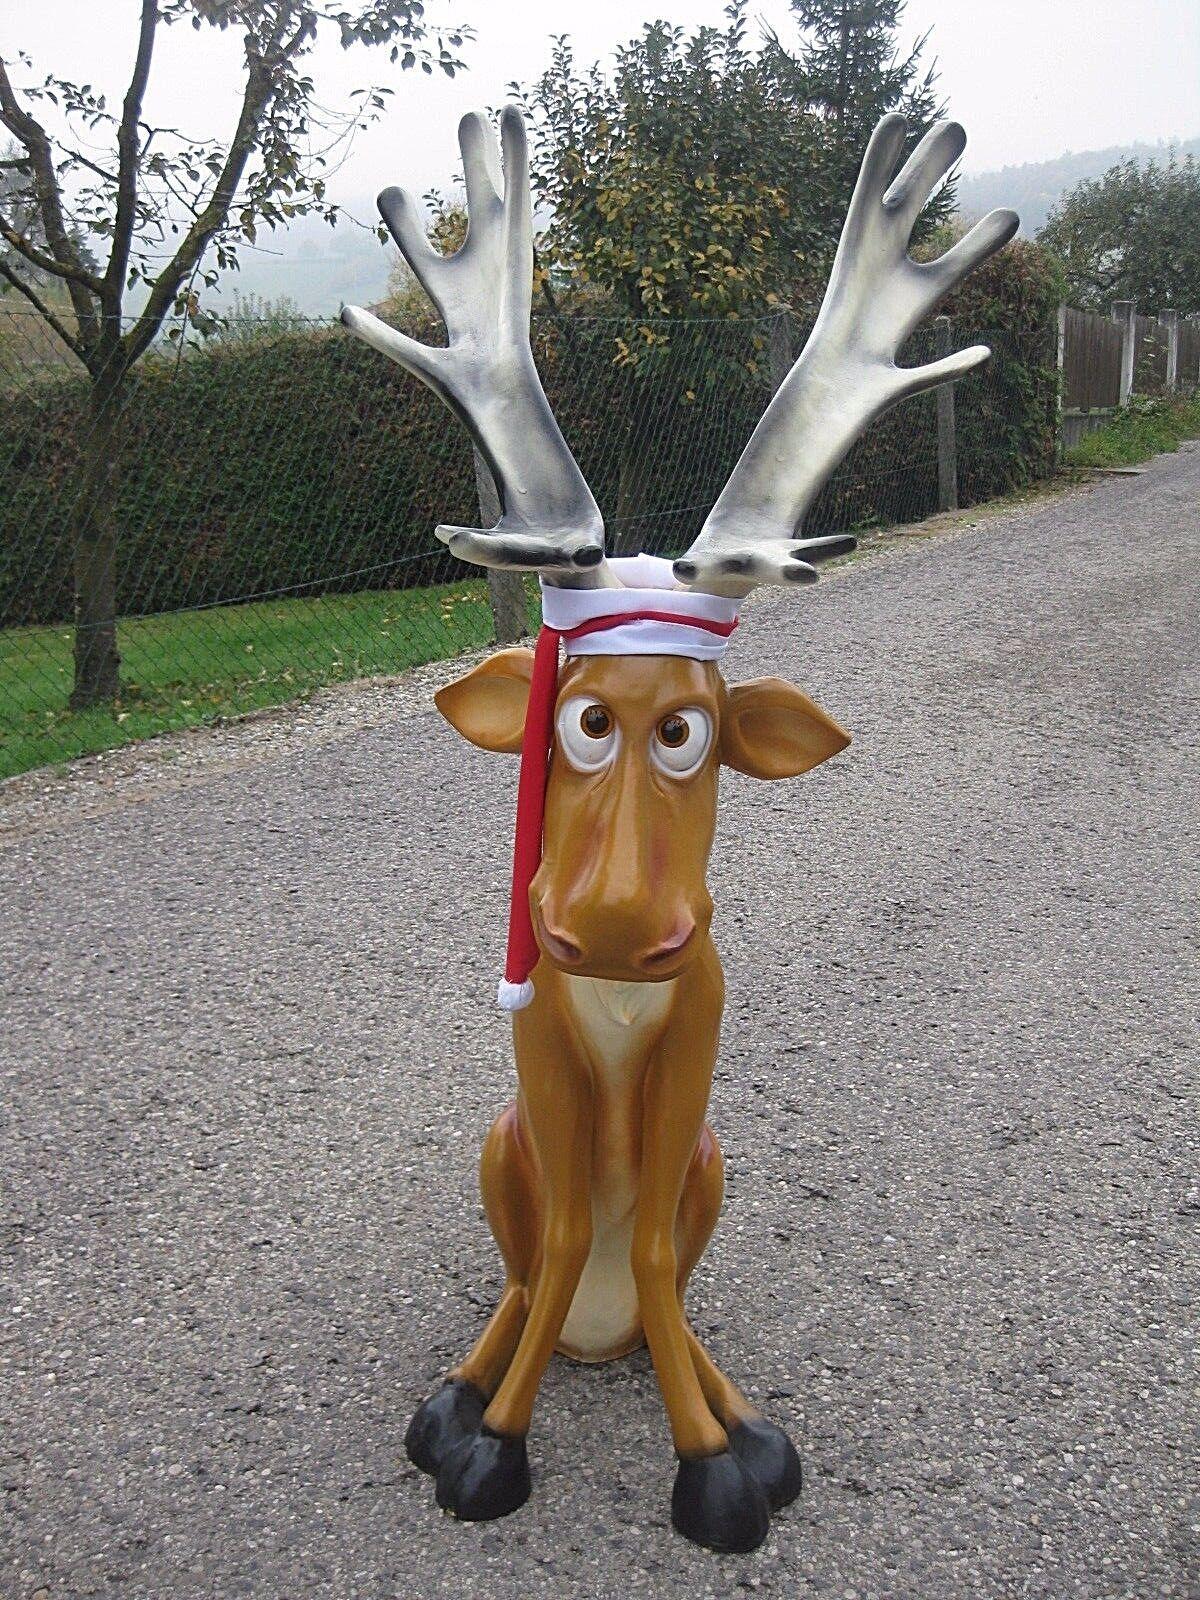 Rentier Rudi 145 cm Rudolf Deko Figur Weihnachtsdekoration Weihnachten neu Elch   | Neuer Eintrag  | Preiszugeständnisse